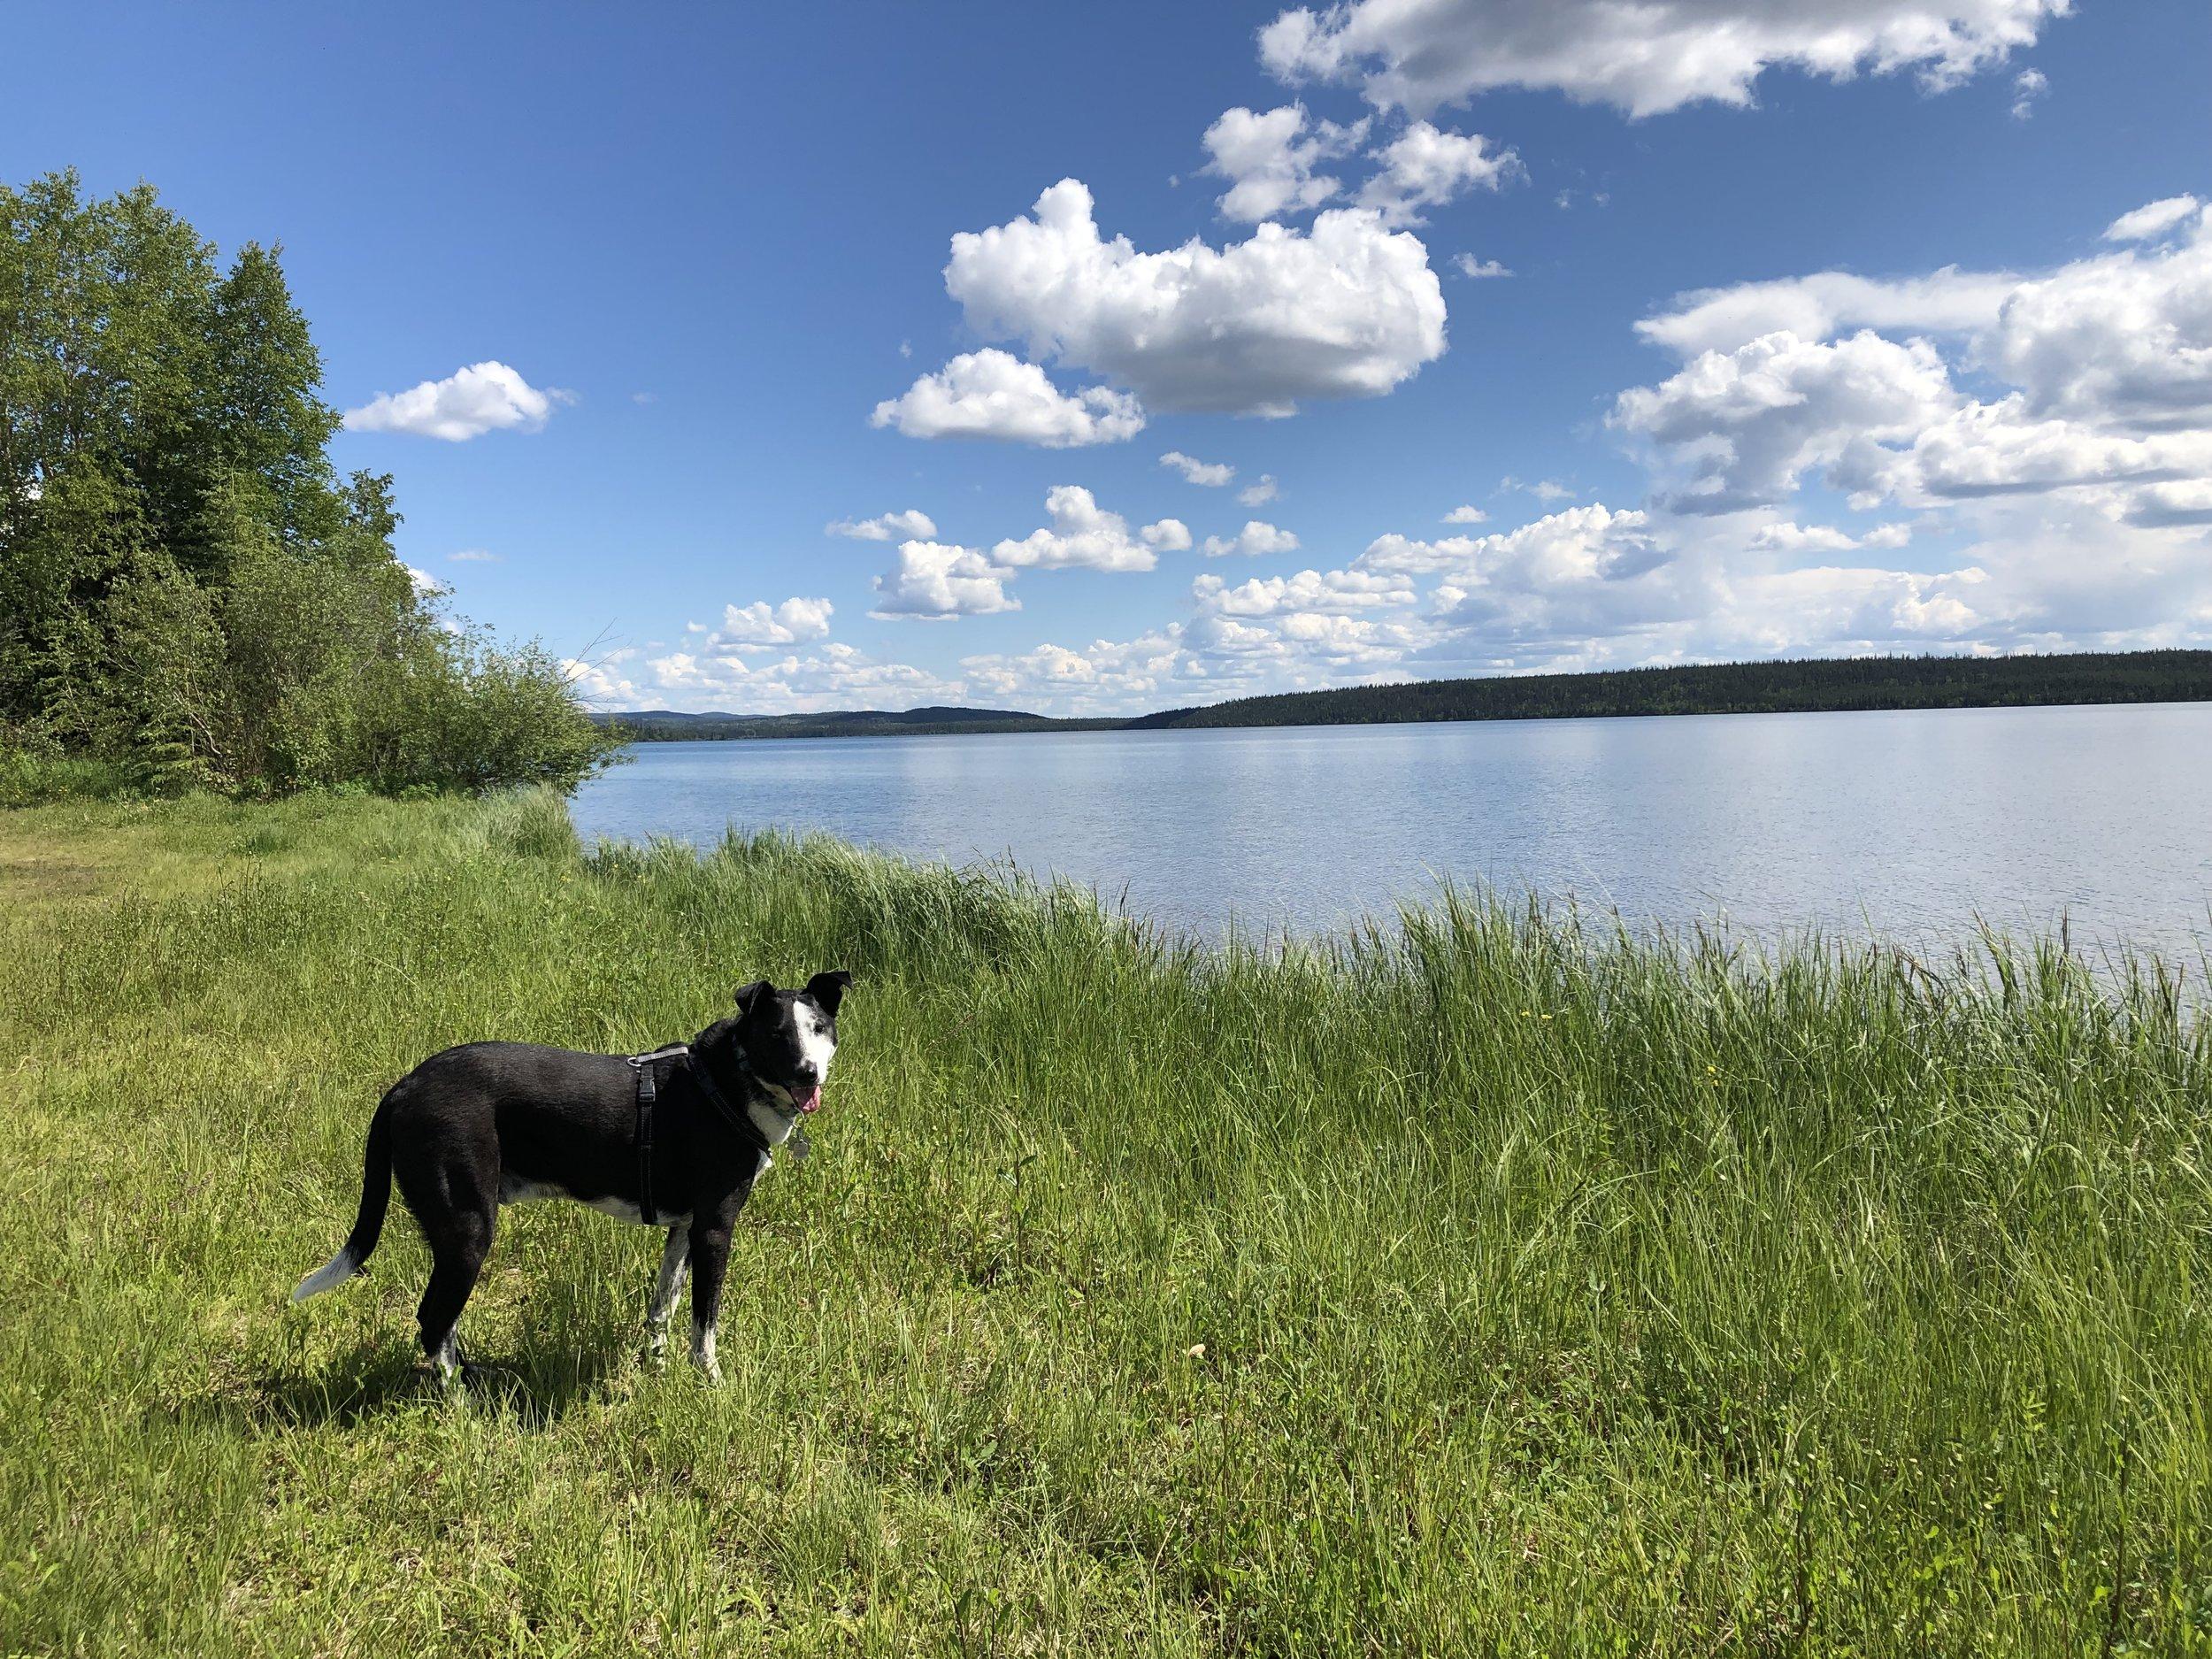 Cosmo at Watson Lake in the Yukon Territory of Canada.